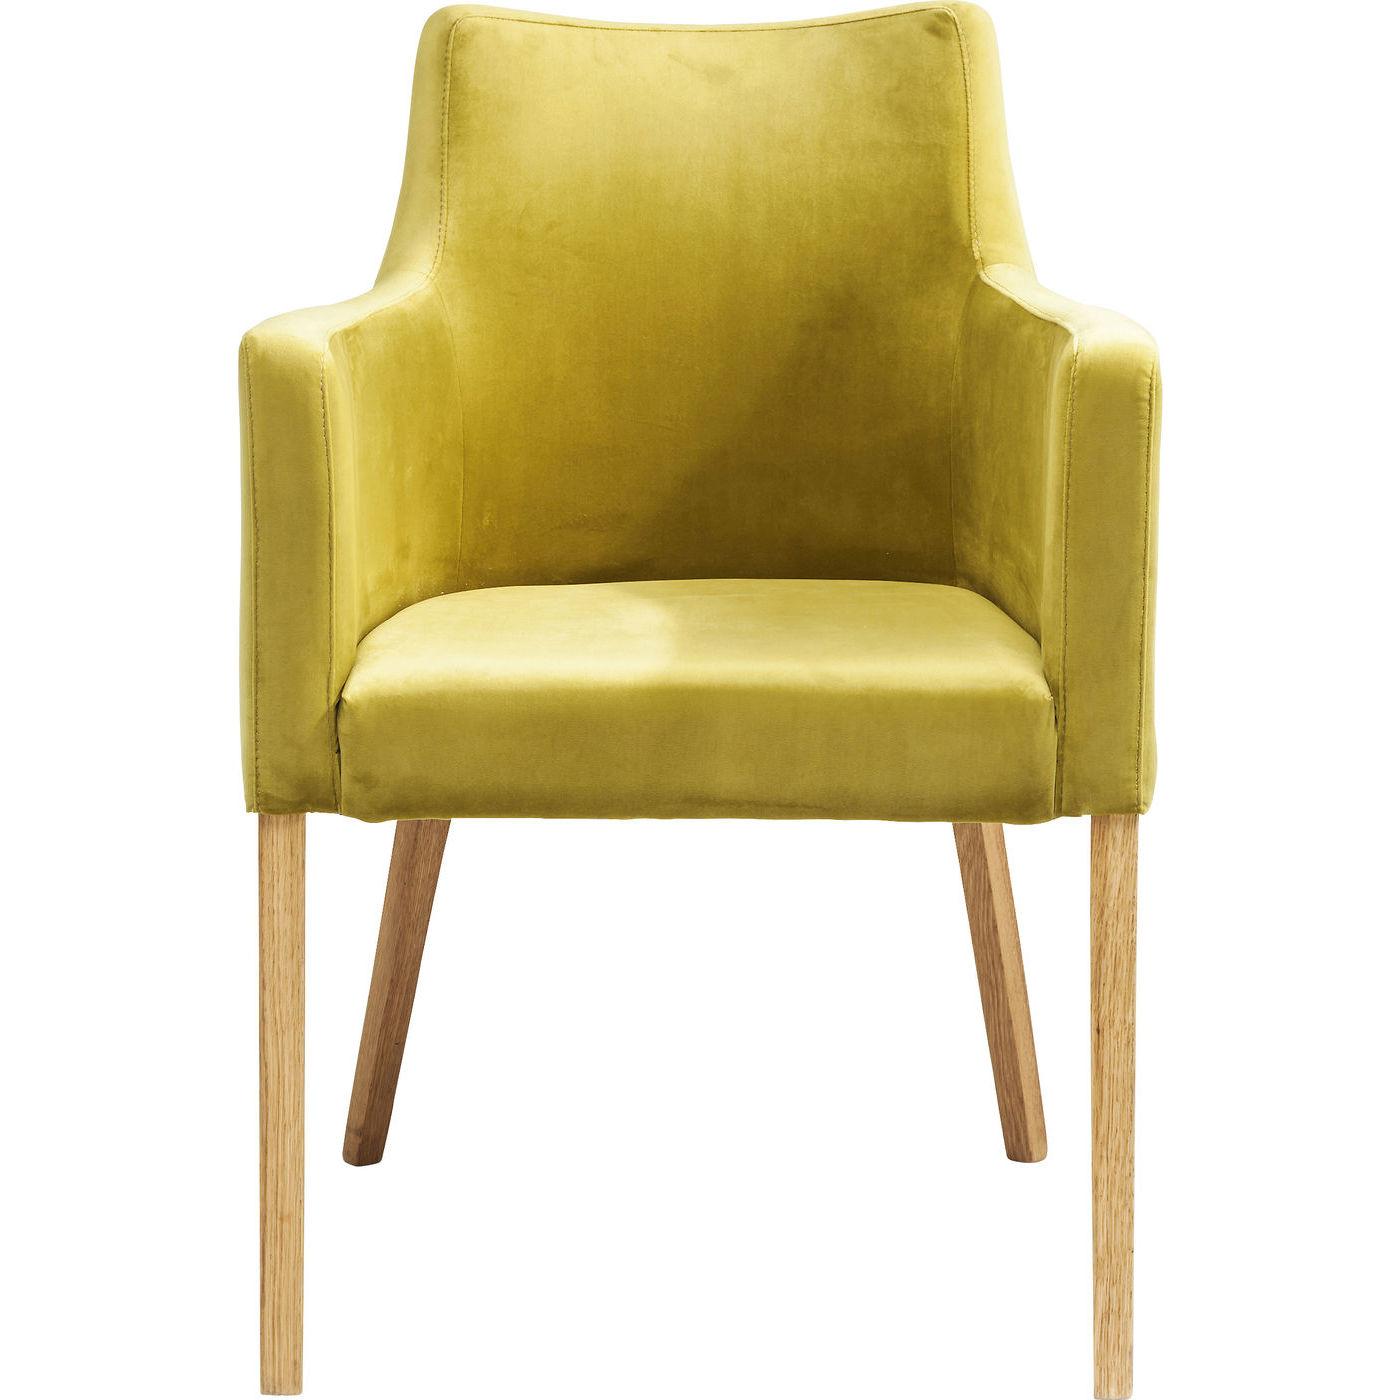 kare design Kare design mode velvet green spisebordsstol - grøn polyester/natur eg, m. armlæn fra boboonline.dk